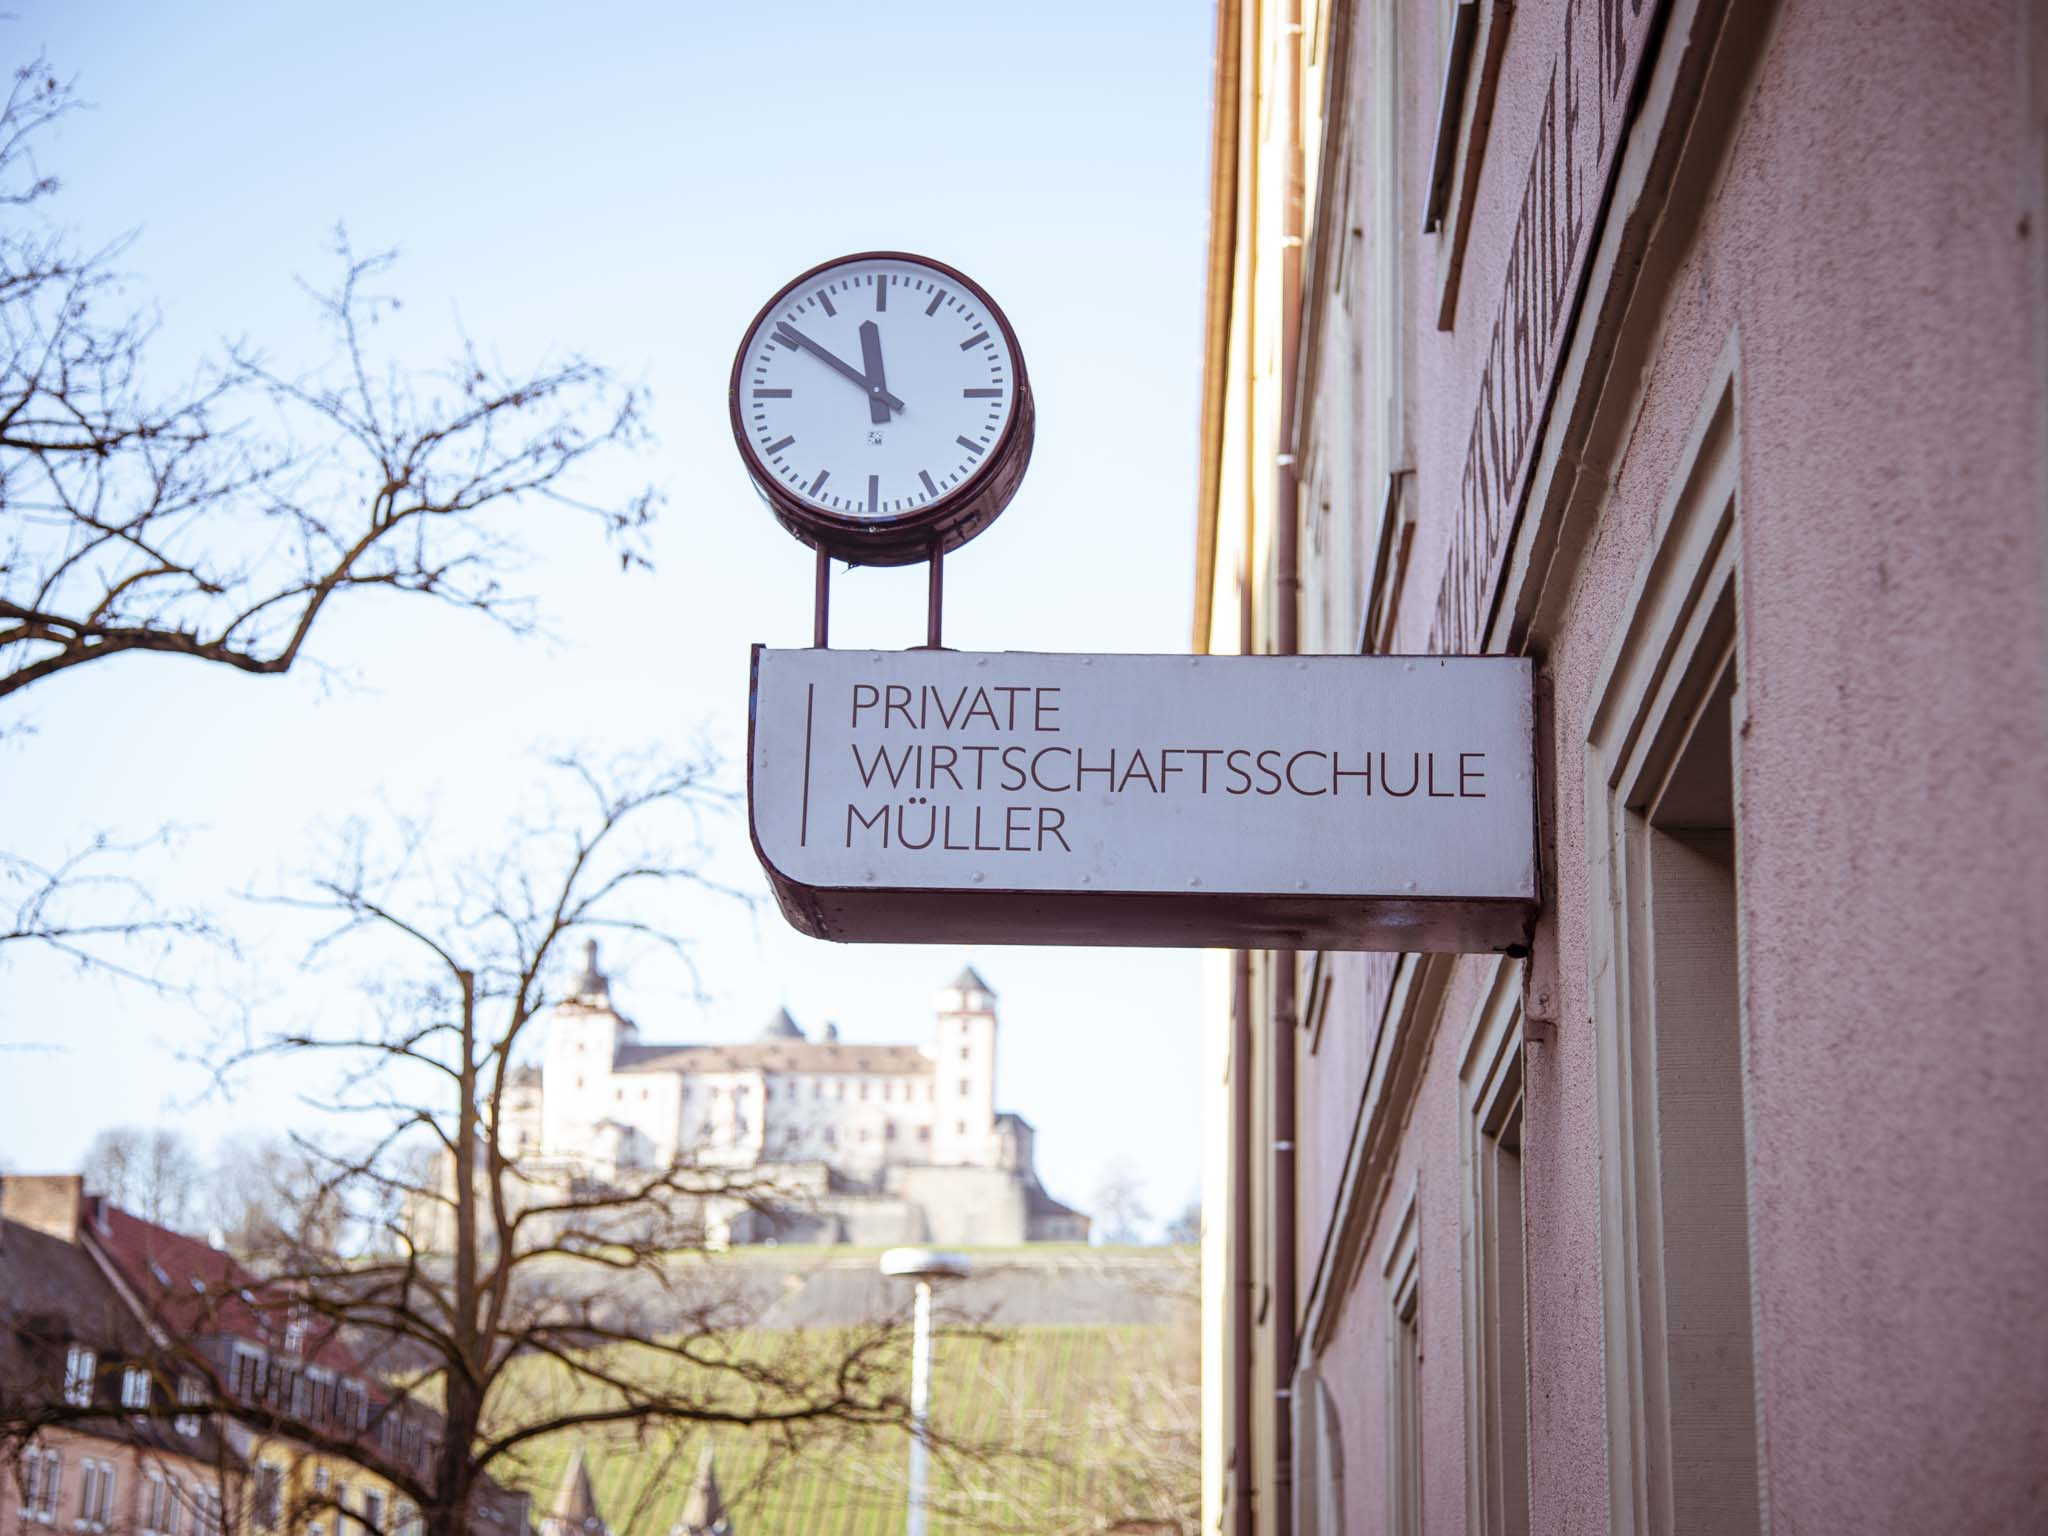 Die Private Wirtschaftsschule Müller liegt ganz zentral in Würzburg – nur wenige Gehminuten von der Innenstadt entfernt. Foto: Private Wirtschaftsschule Müller